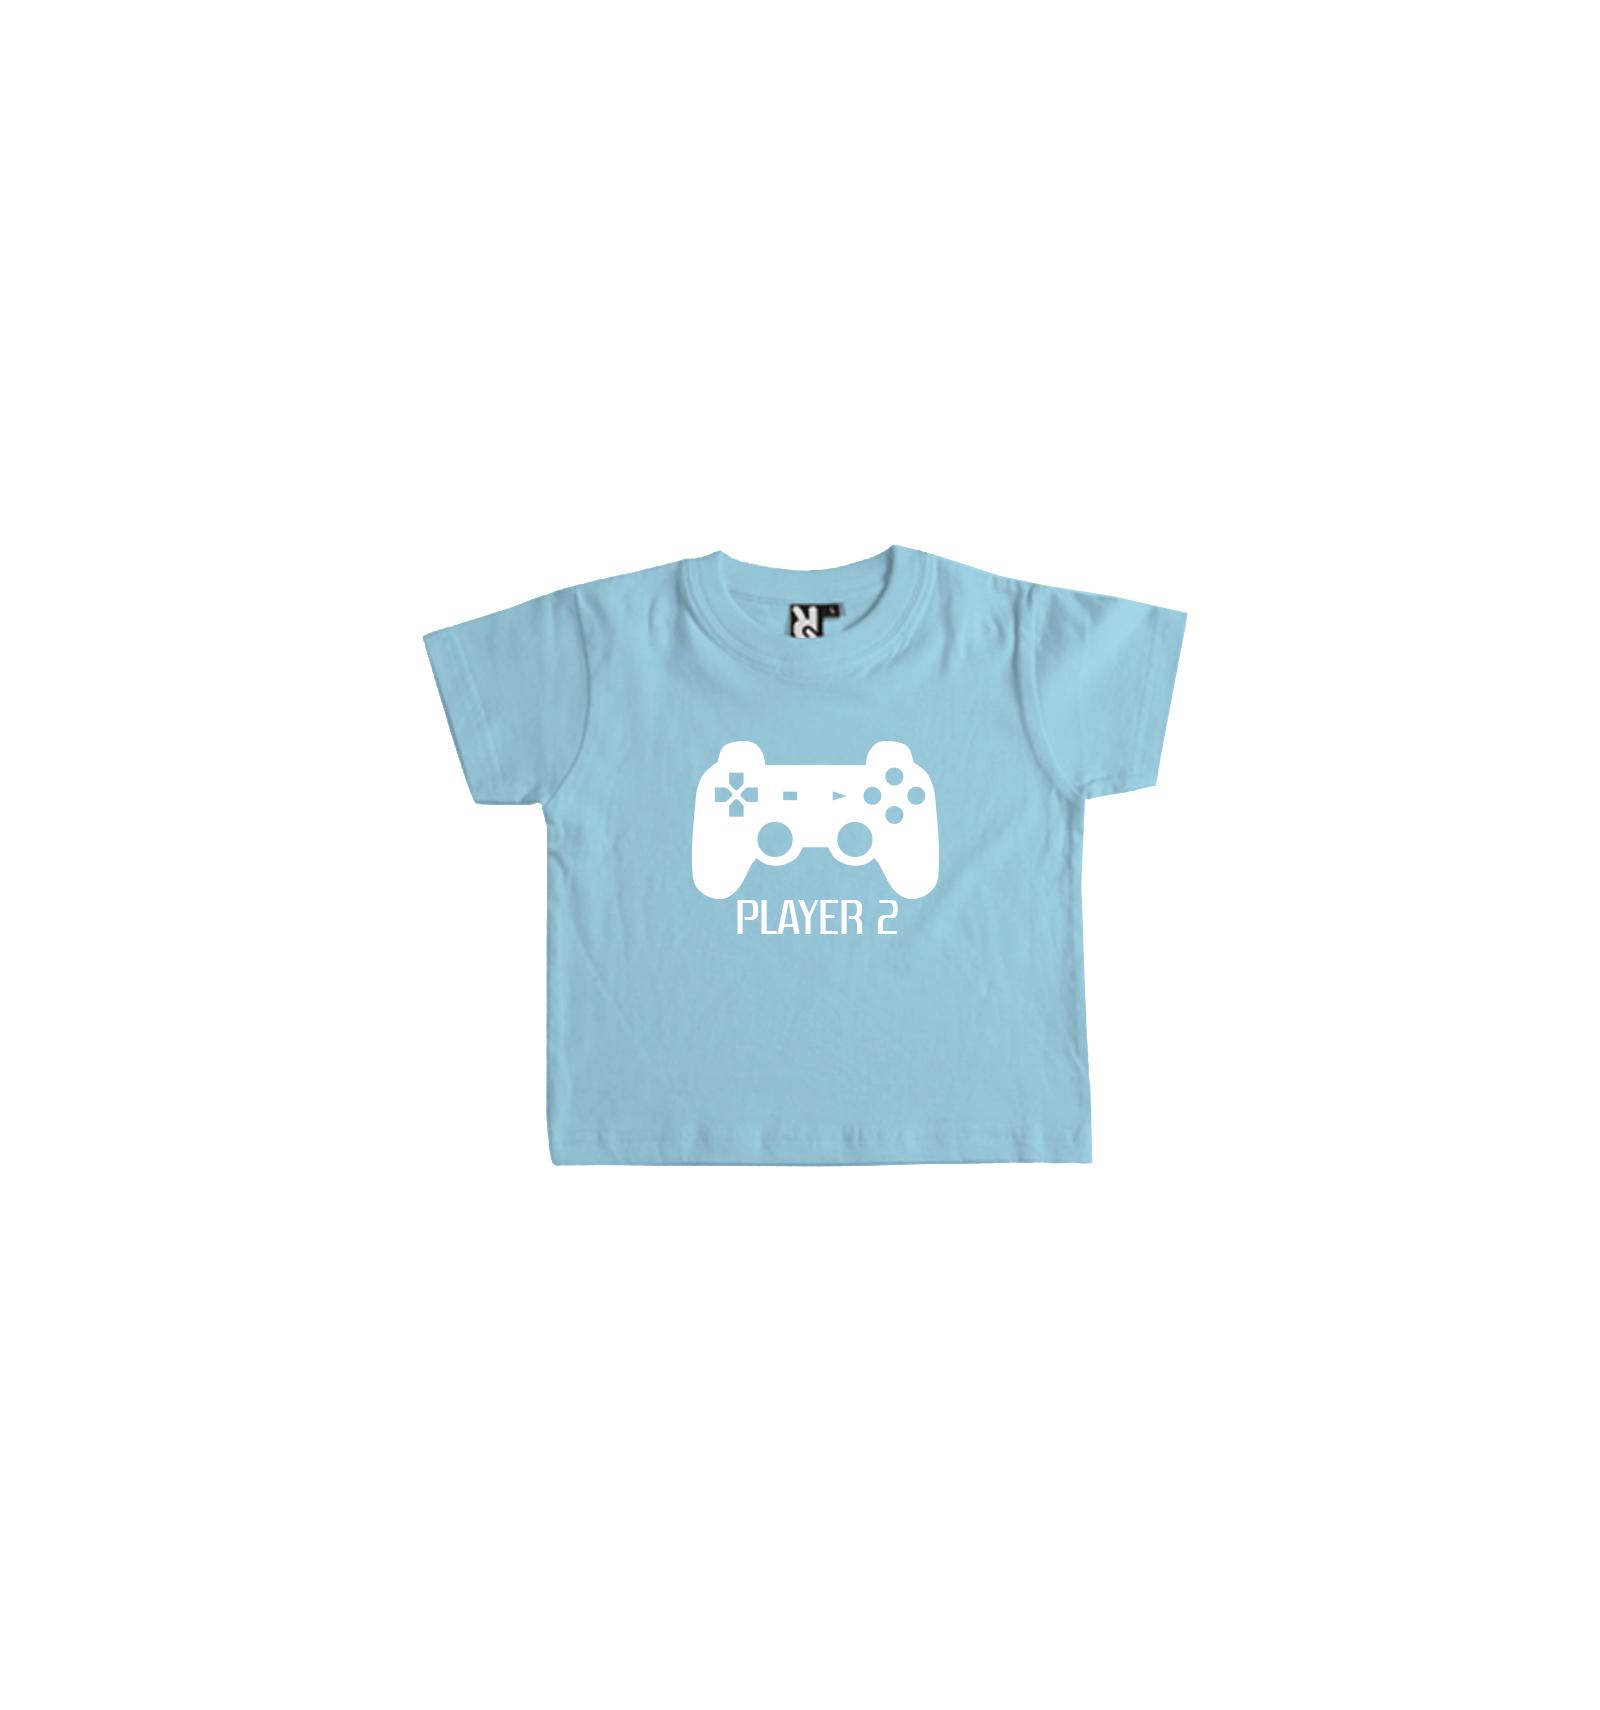 ec511be52983 Dětské tričko Player 2 · Dětské tričko Player 2 ...